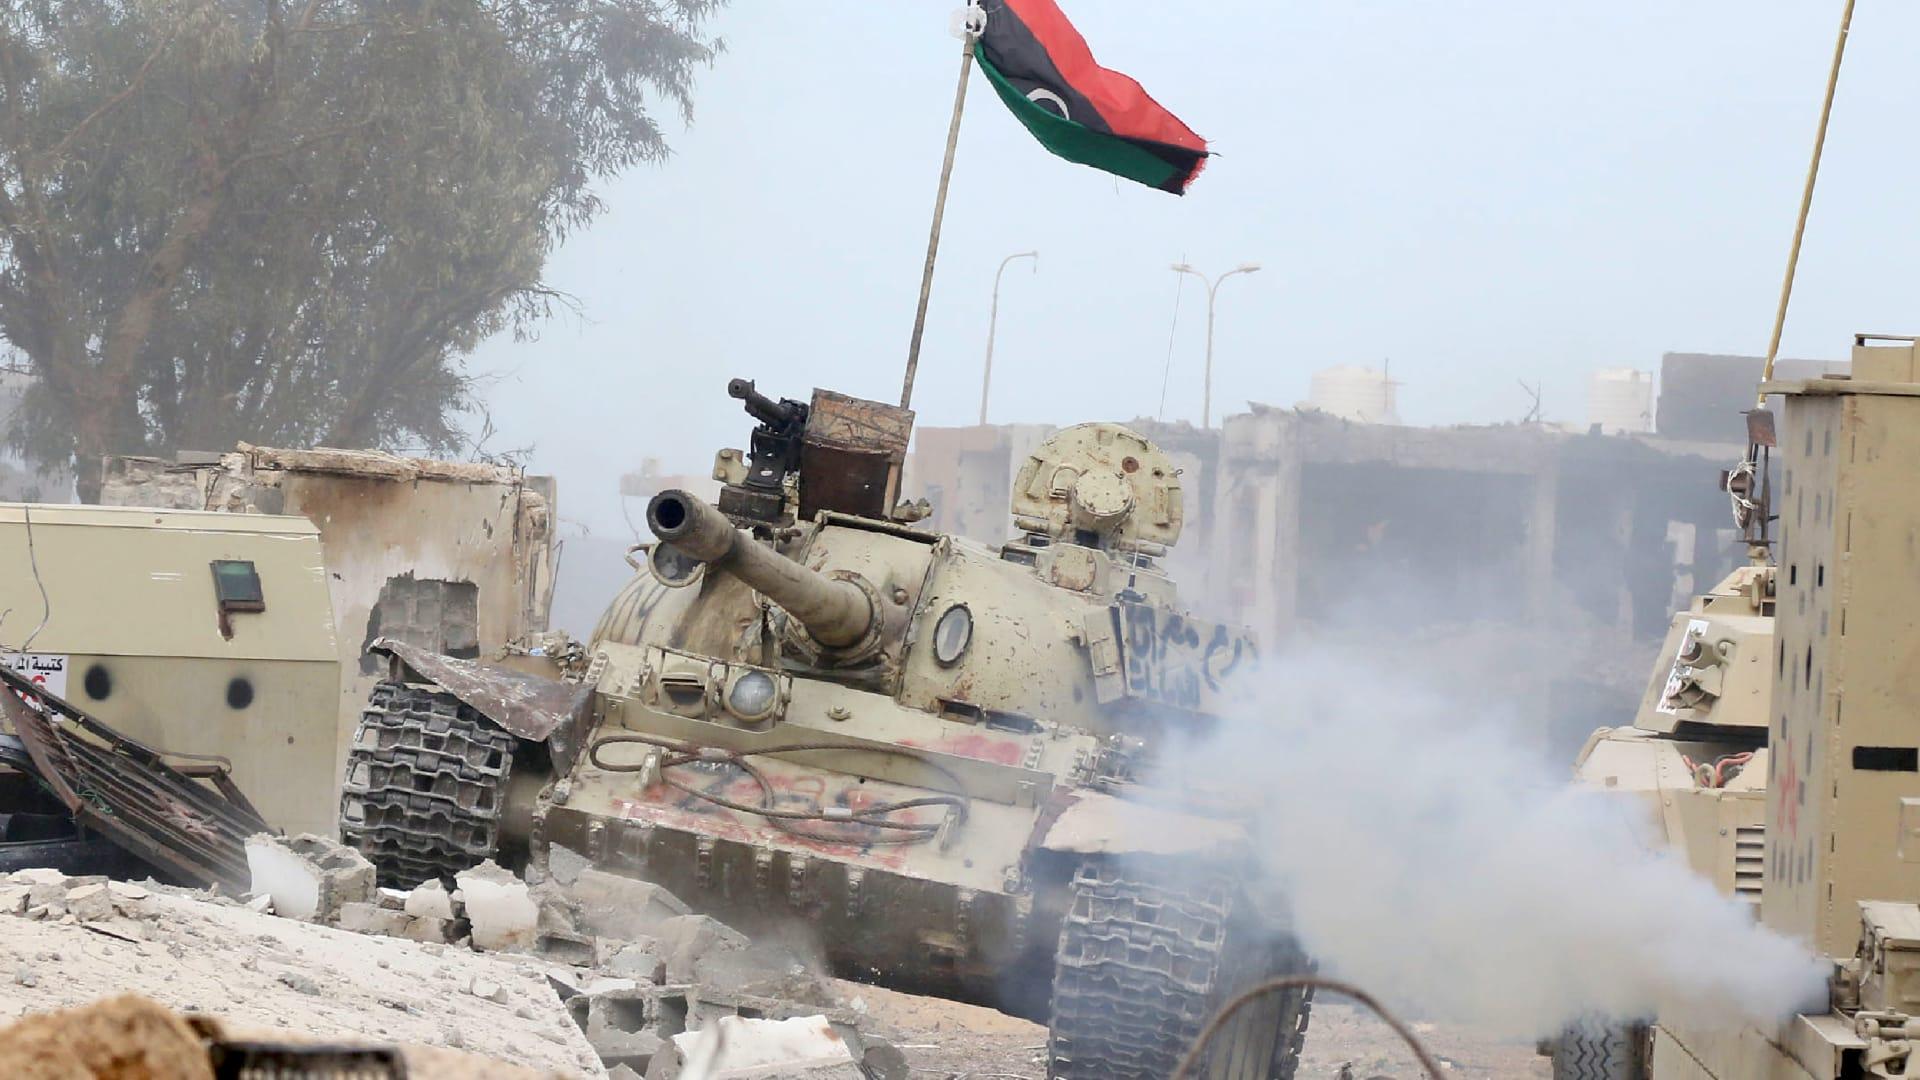 قوات حفتر تُعلق على الاتفاق القطري مع حكومة الوفاق.. فكيف وصفت الخطوة؟